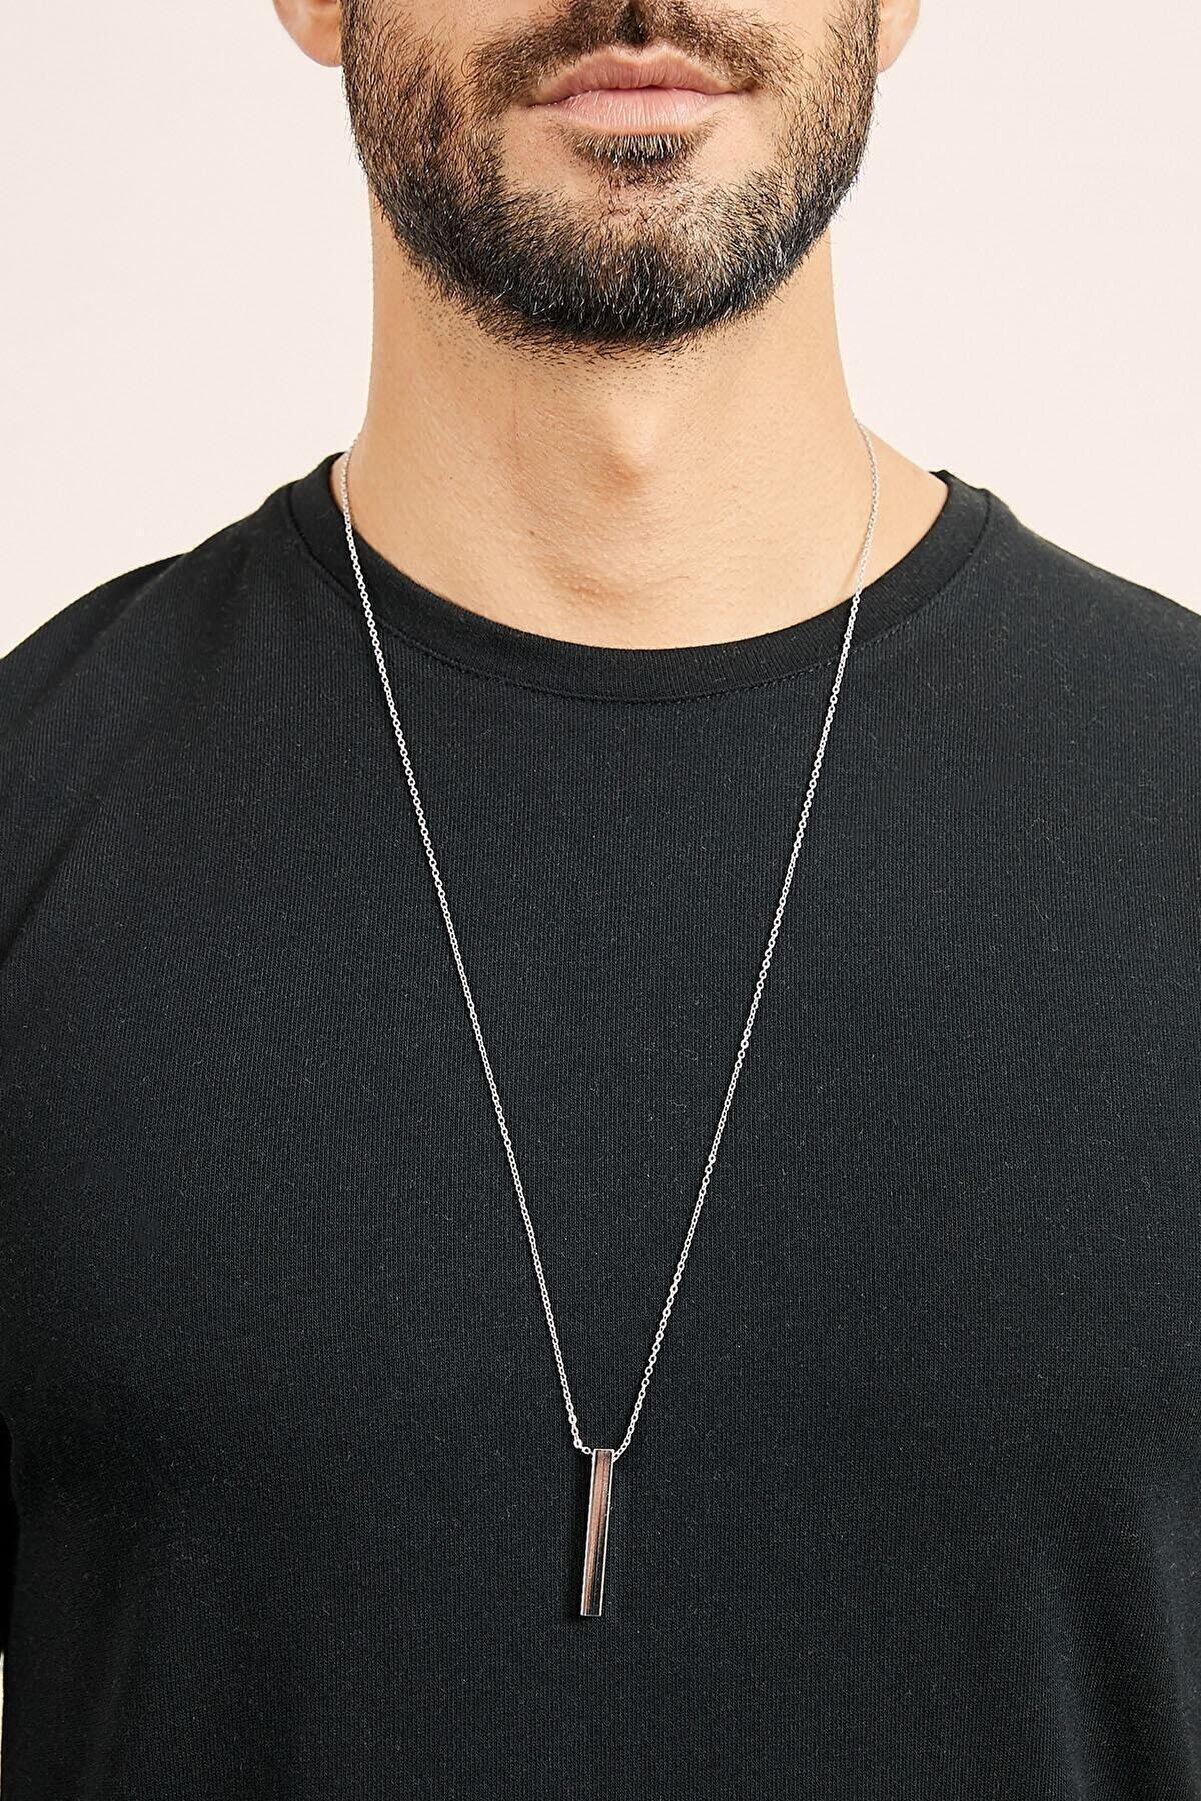 MedBlack Jewelry Unisex Gümüş Renk Kaplama Zincir Bar Kolye